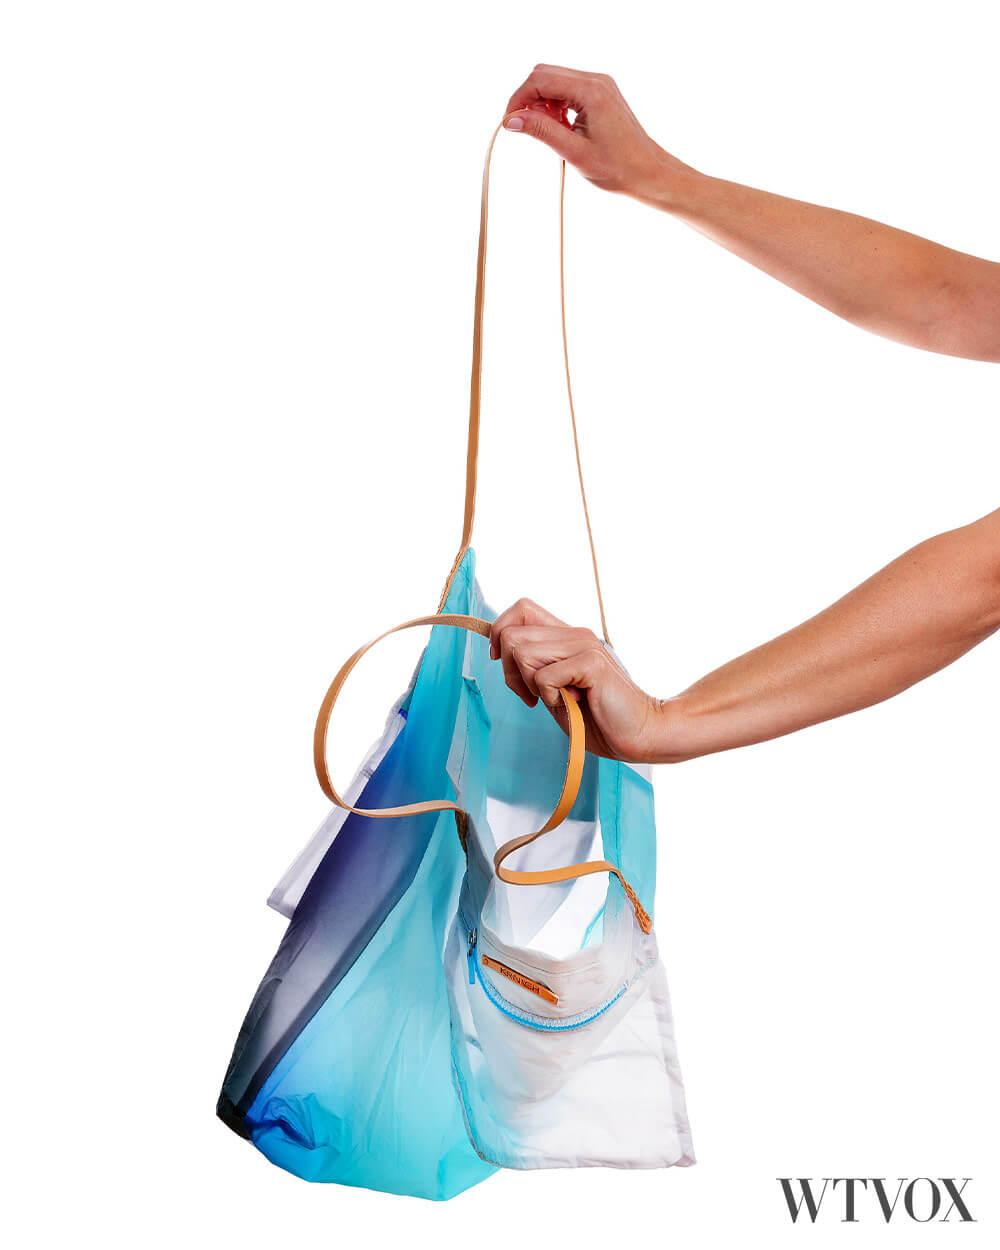 Krnach Medusa sustainable tote bag